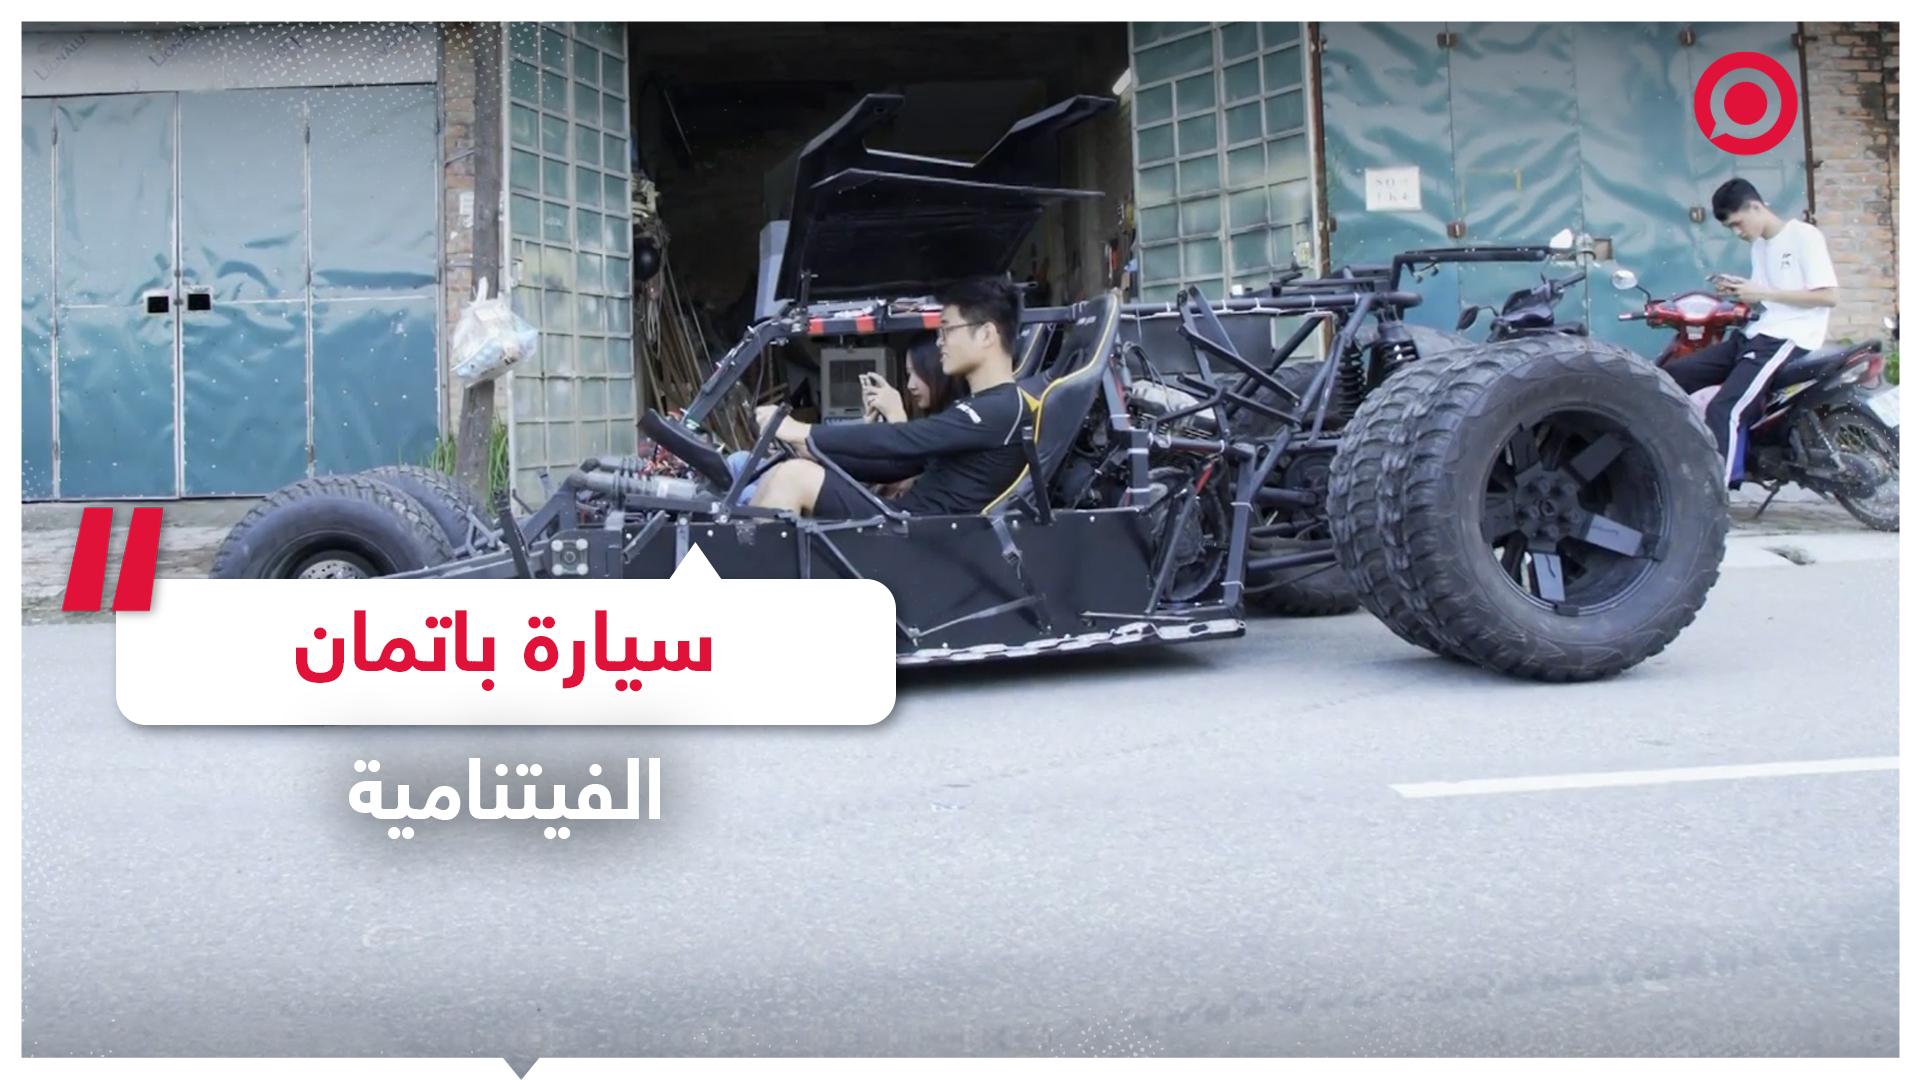 سيارة الوطواط من صنع مهندس فيتنامي